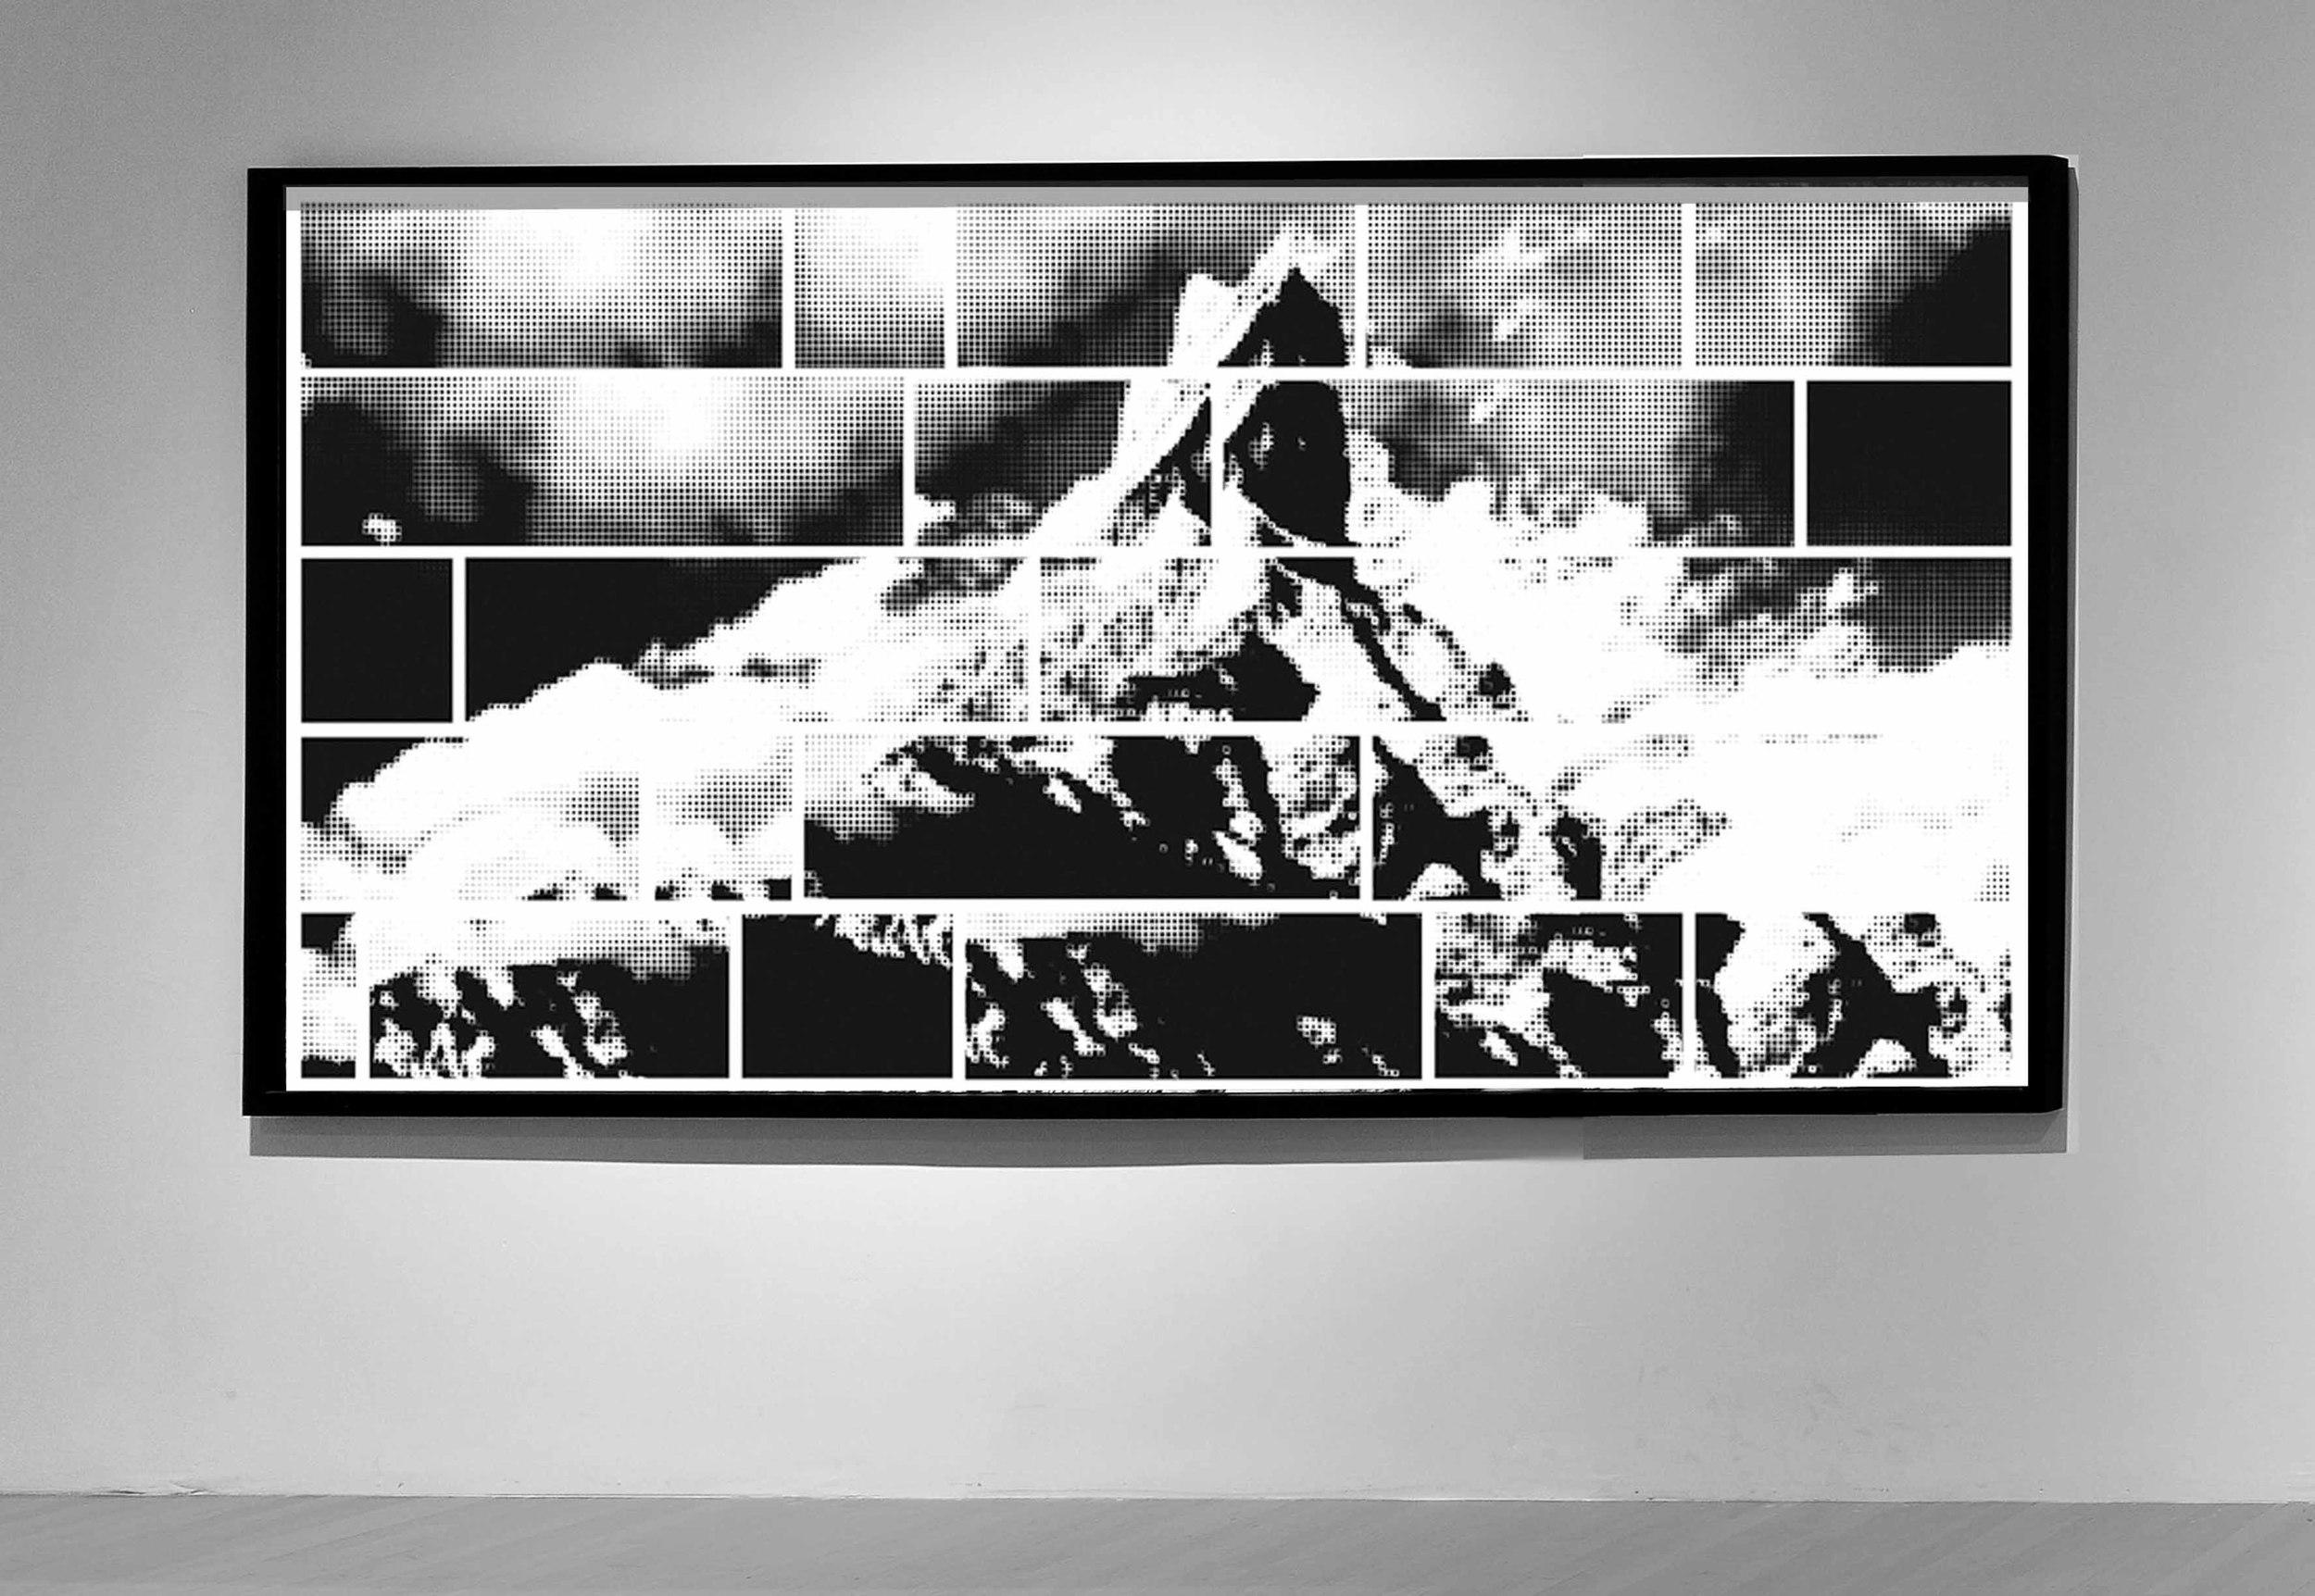 keleloko_holy mountain exhibition 01.jpg